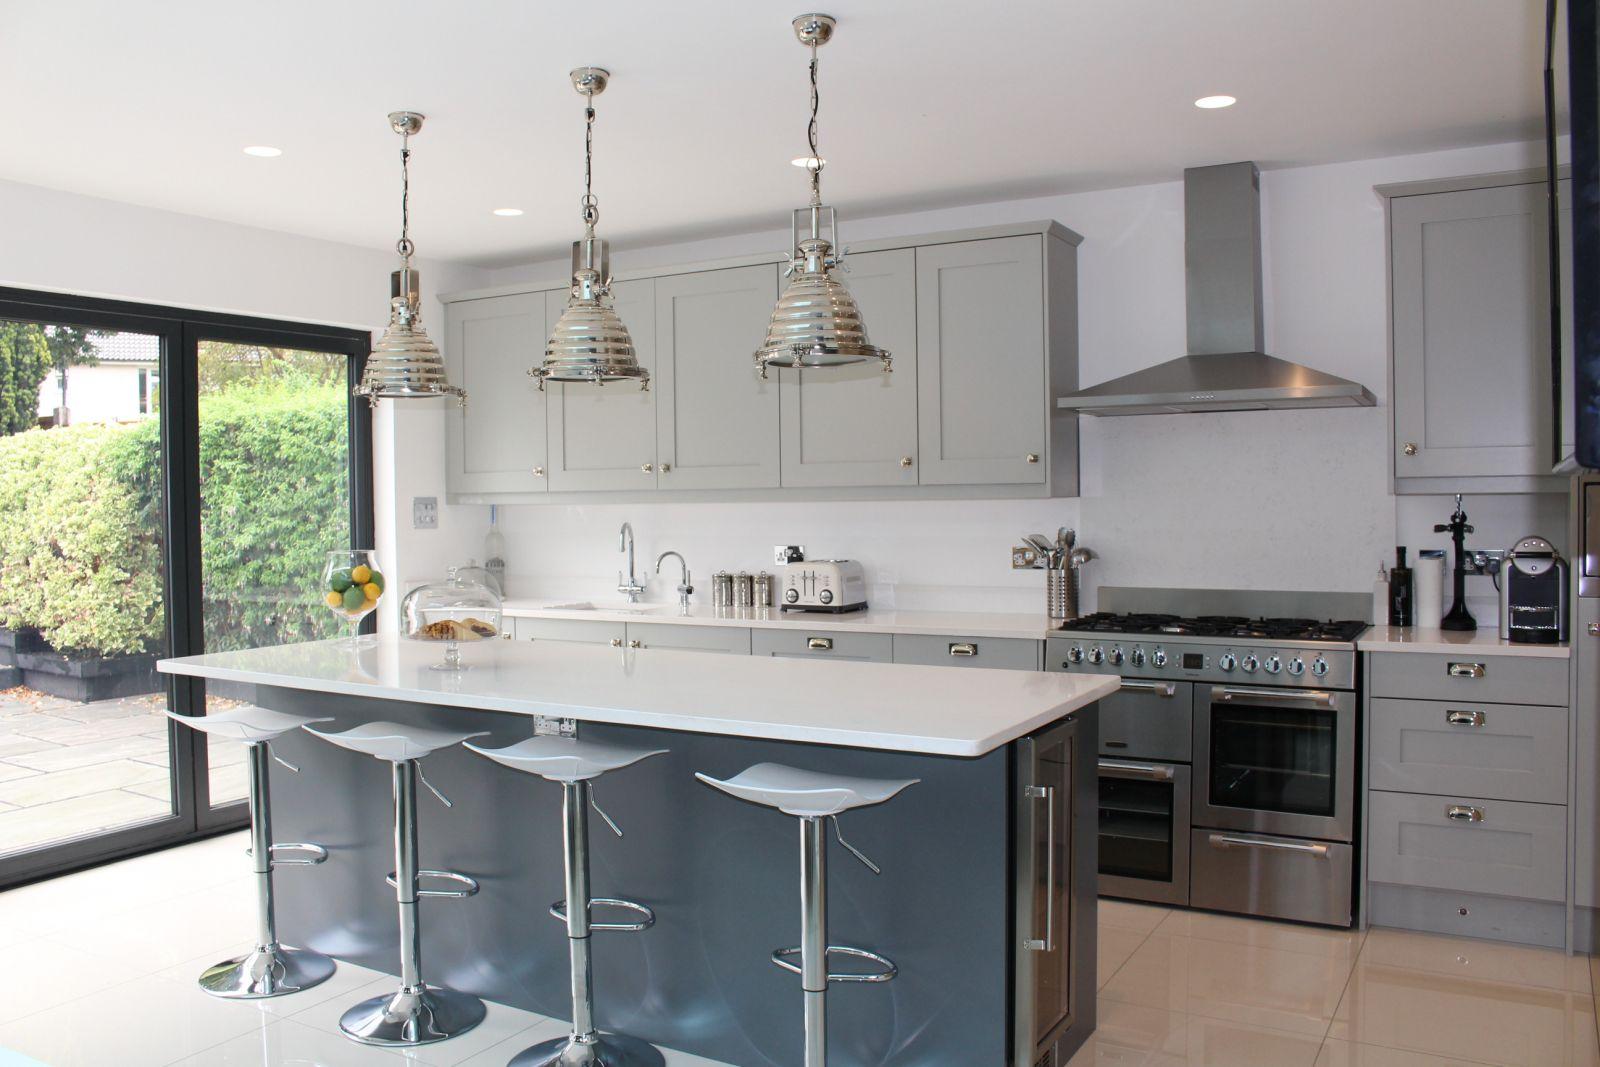 kitchen with chrome kitchen handles